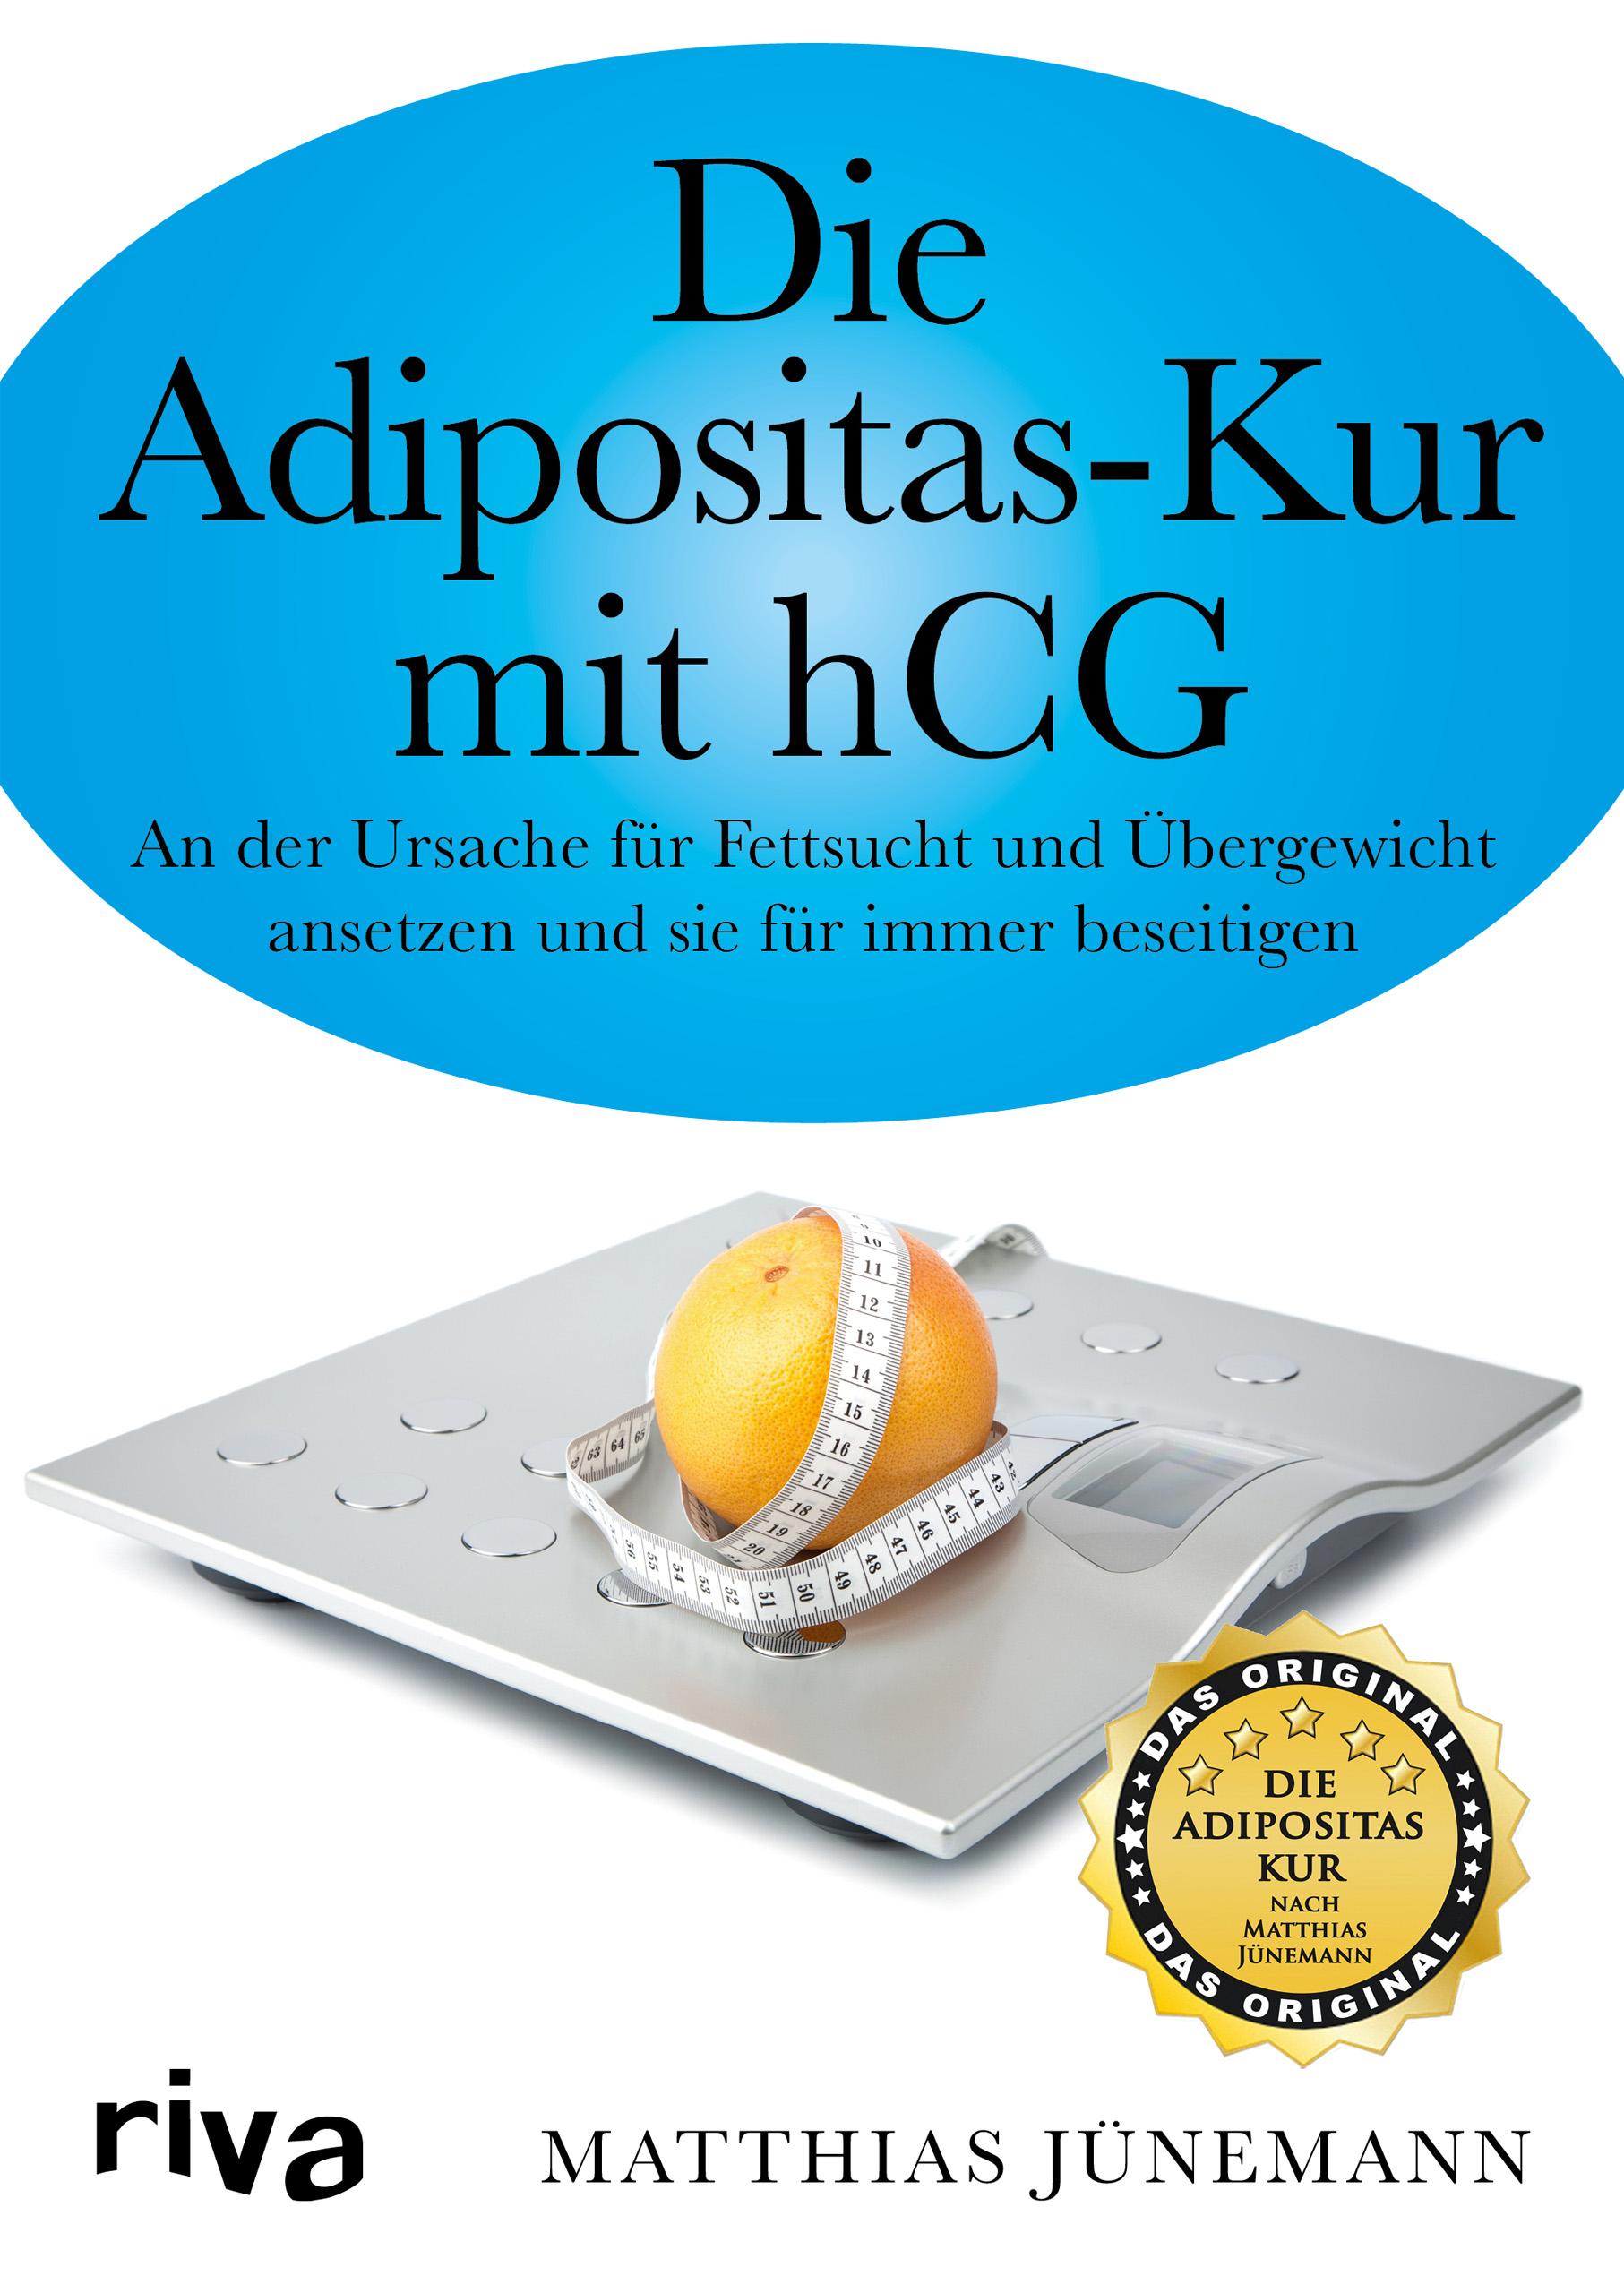 Die Adipositas-Kur mit hCG: An der Ursache für Fettsucht und Übergewicht ansetzen und sie für immer beseitigen - Matthia